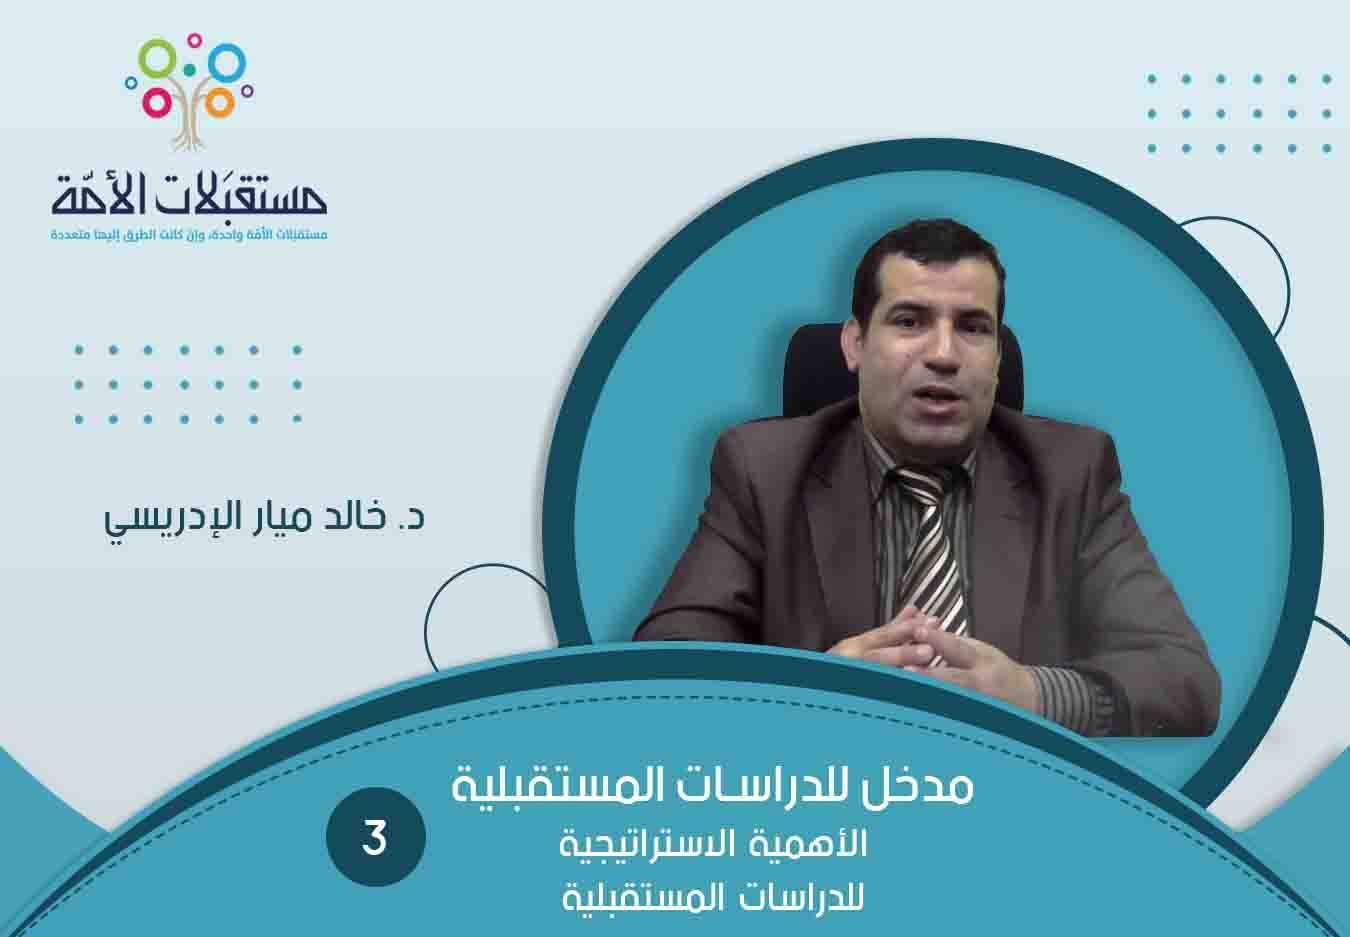 مدخل للدراسات المستقبلية (3) الأهمية الاستراتيجية للدراسات المستقبلية   د. خالد ميار الإدريسي